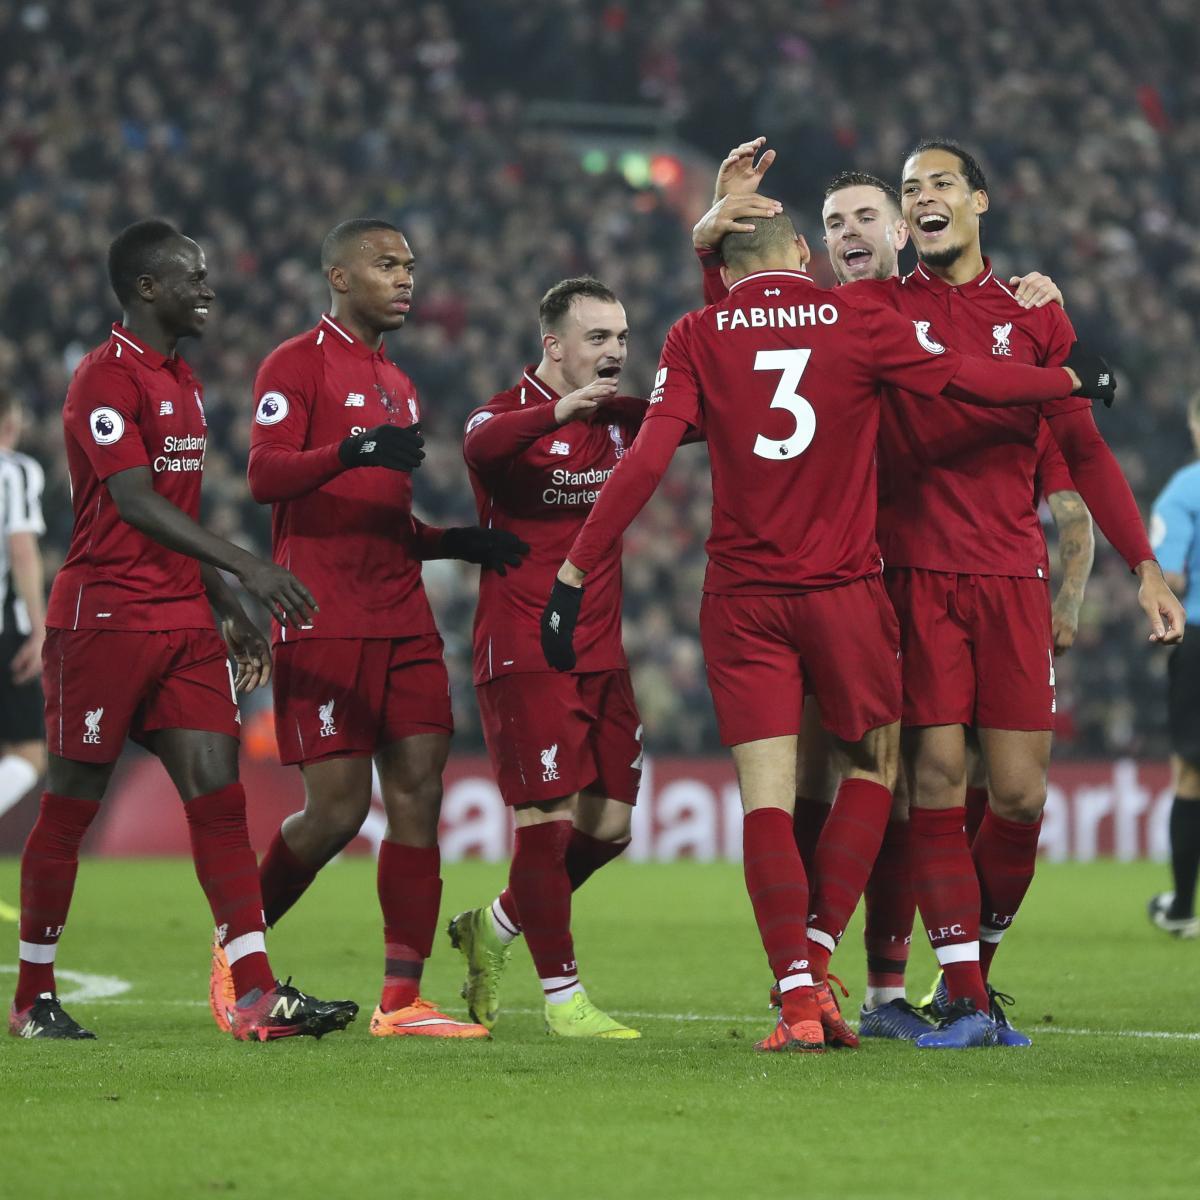 Ajax Vs Tottenham Hotspur Preview Live Stream Tv Info: Liverpool Vs. Arsenal: Odds, Preview, Live Stream And TV